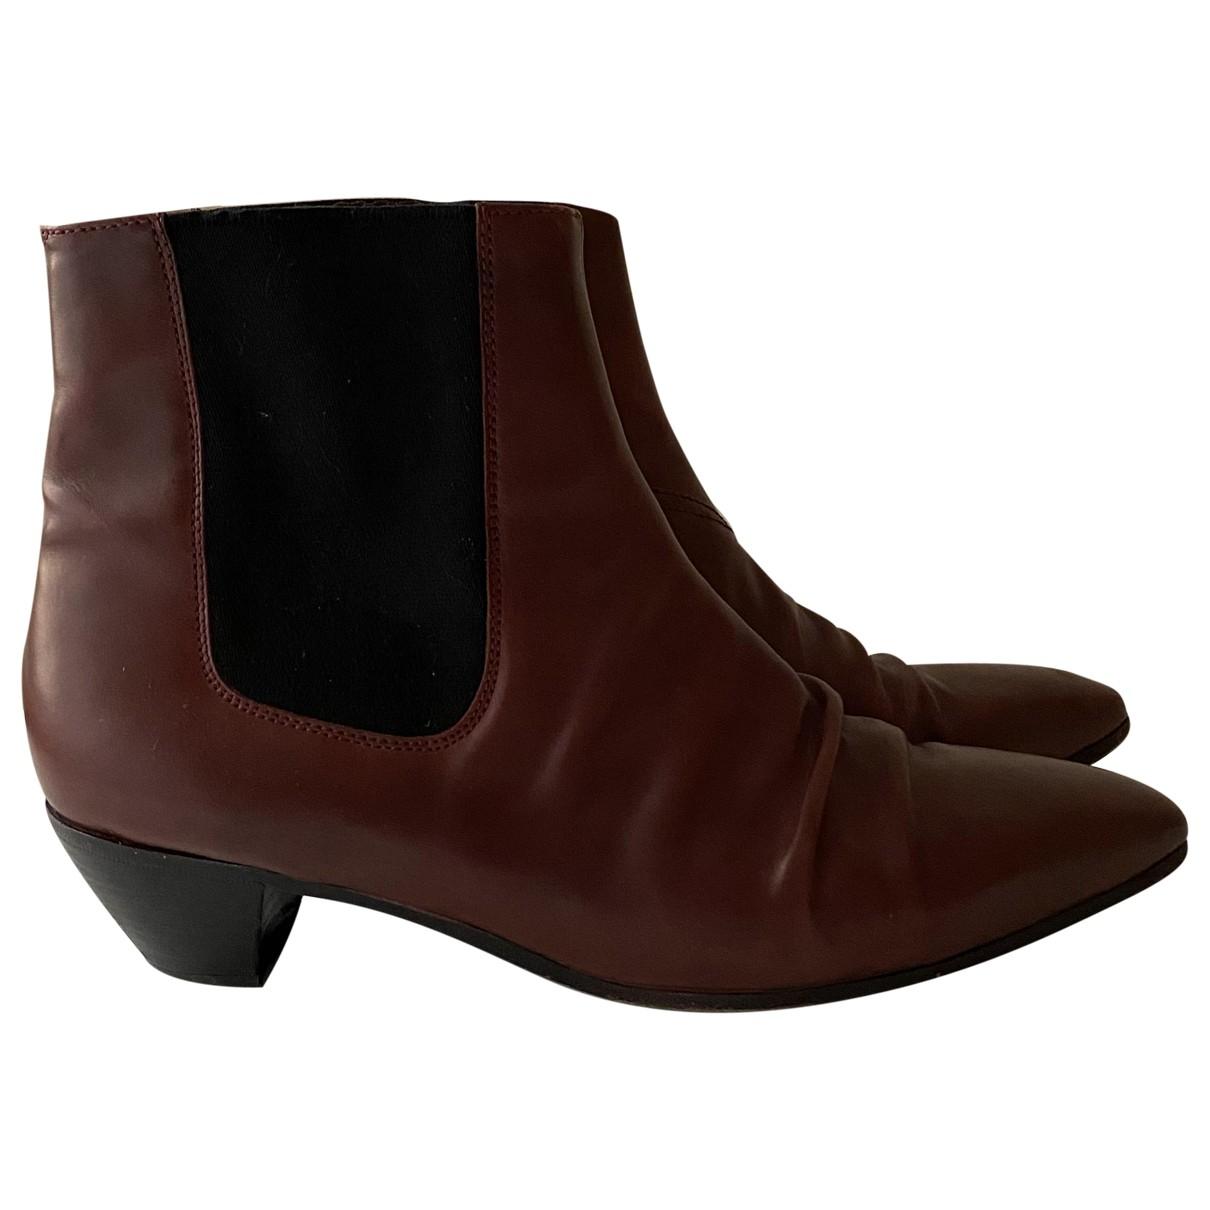 Celine - Boots   pour femme en cuir - bordeaux